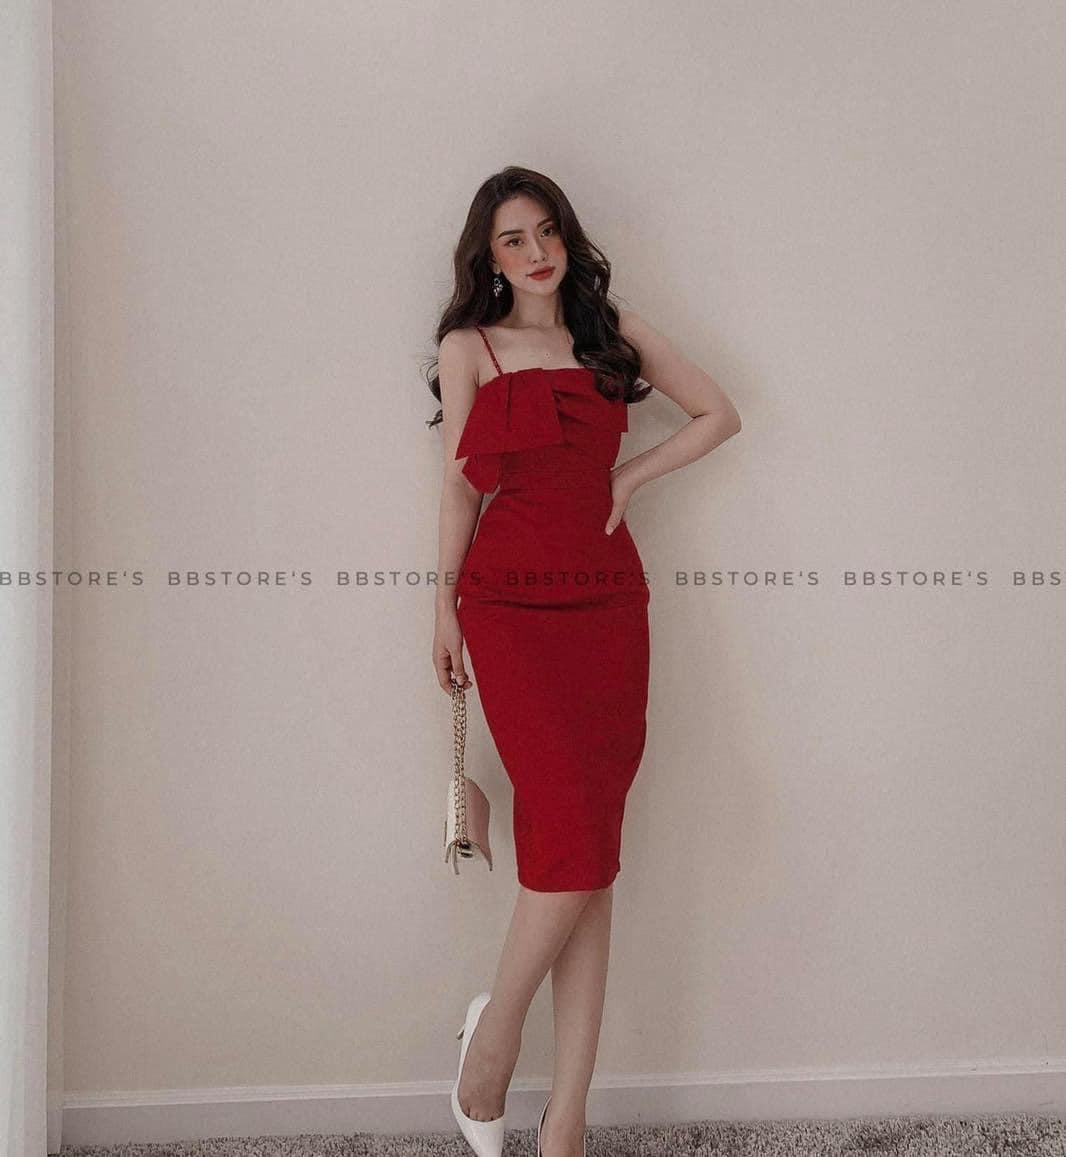 BBSTORE'S – 7 năm phát triển để trở thành địa chỉ mua sắm quen thuộc của tín đồ thời trang Sài Gòn - Ảnh 2.